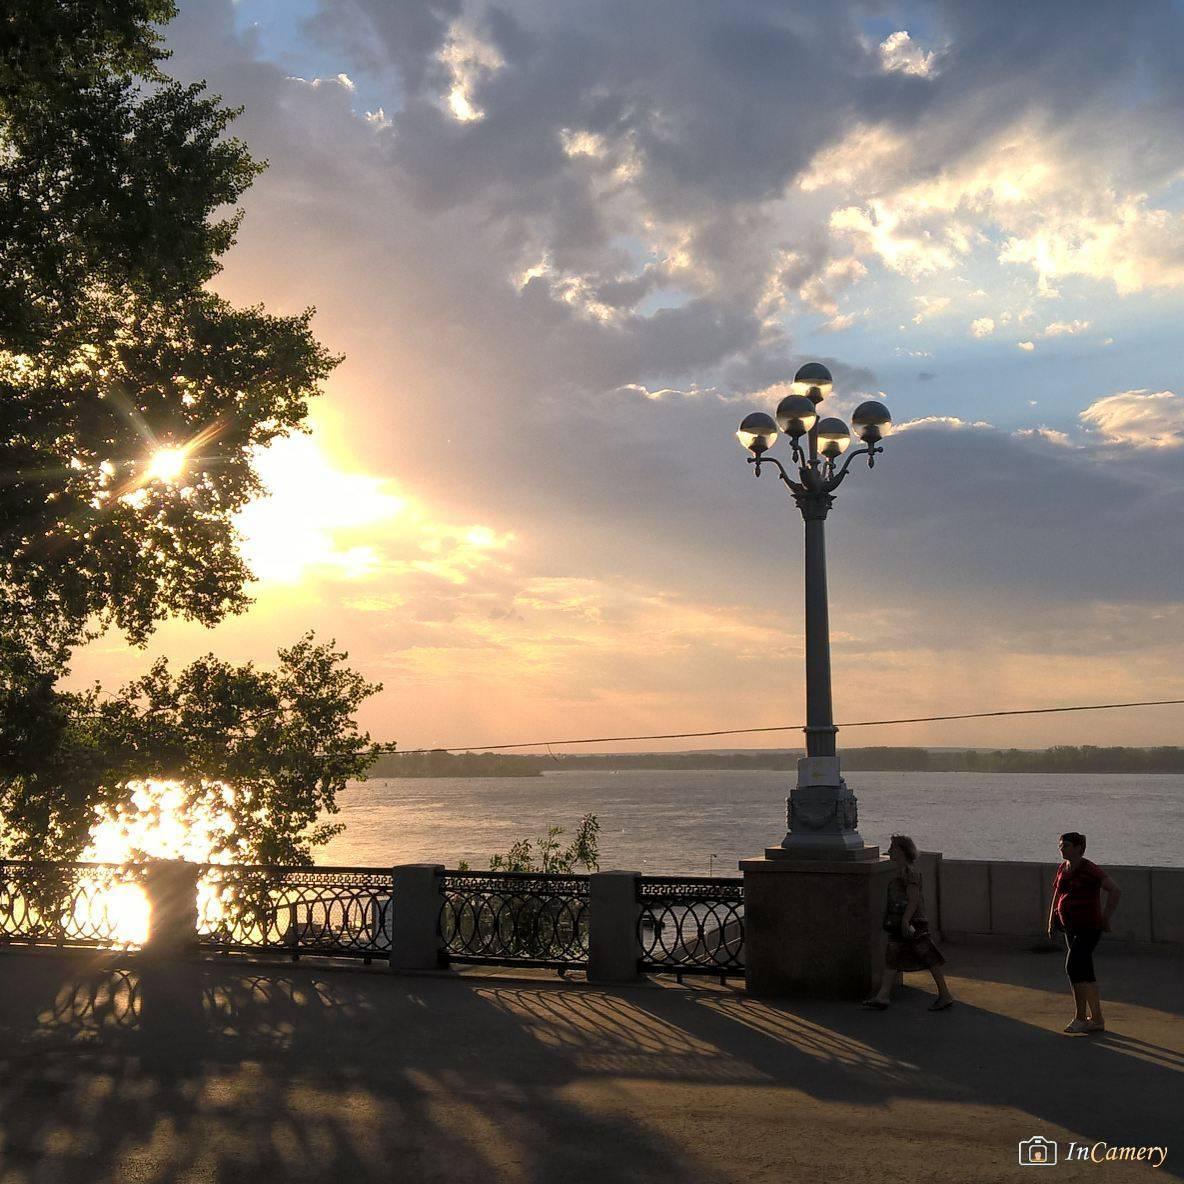 Набережная ....Самара...на реке Волга. foto Наталья